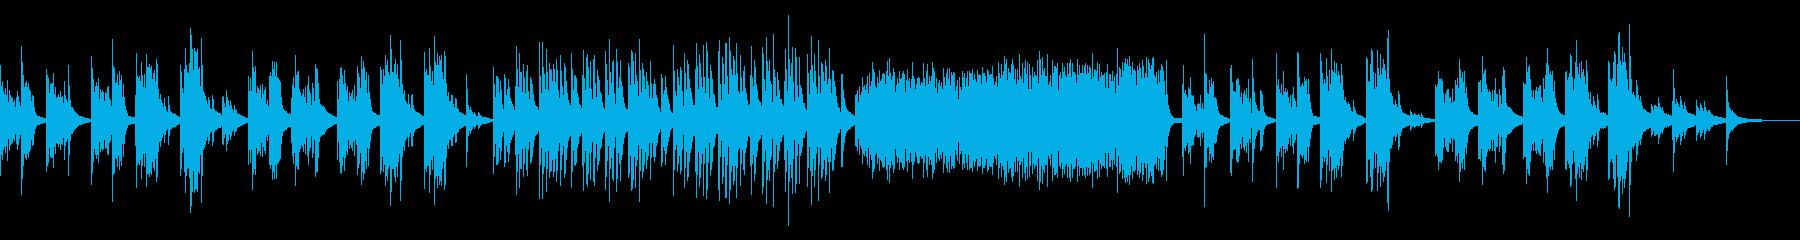 メランコリックなピアノ しっとり 淡々の再生済みの波形